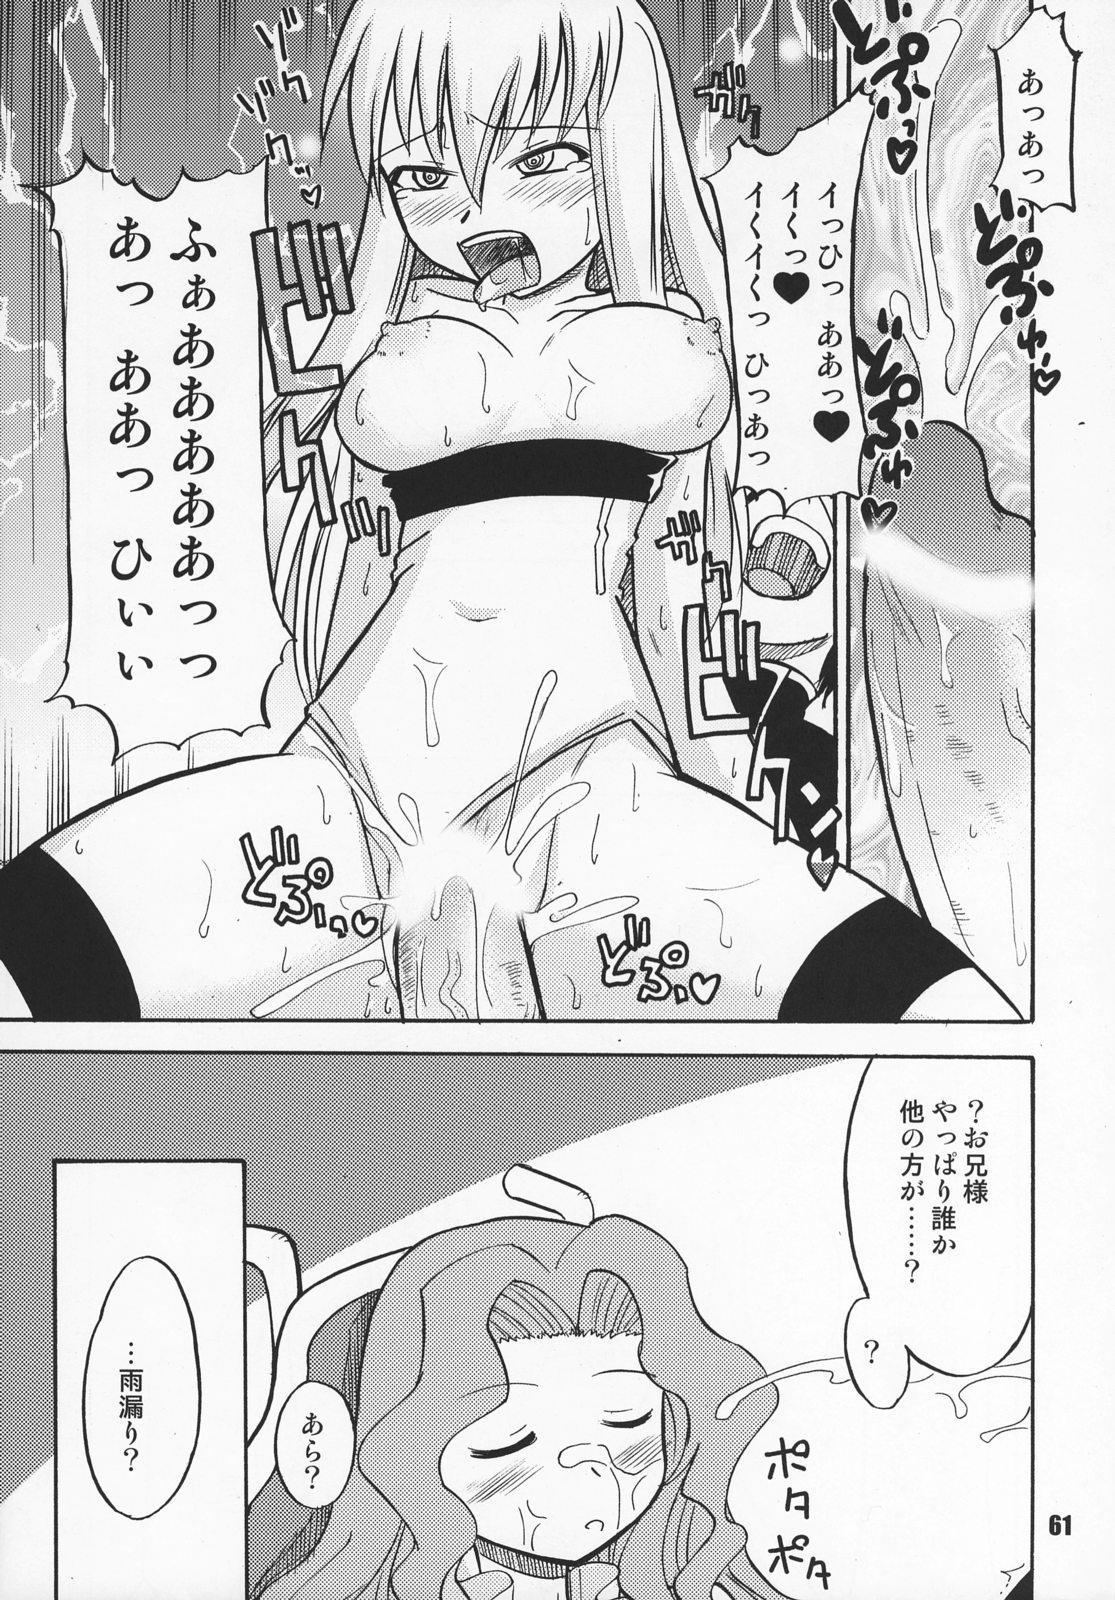 Geass Damashii 59